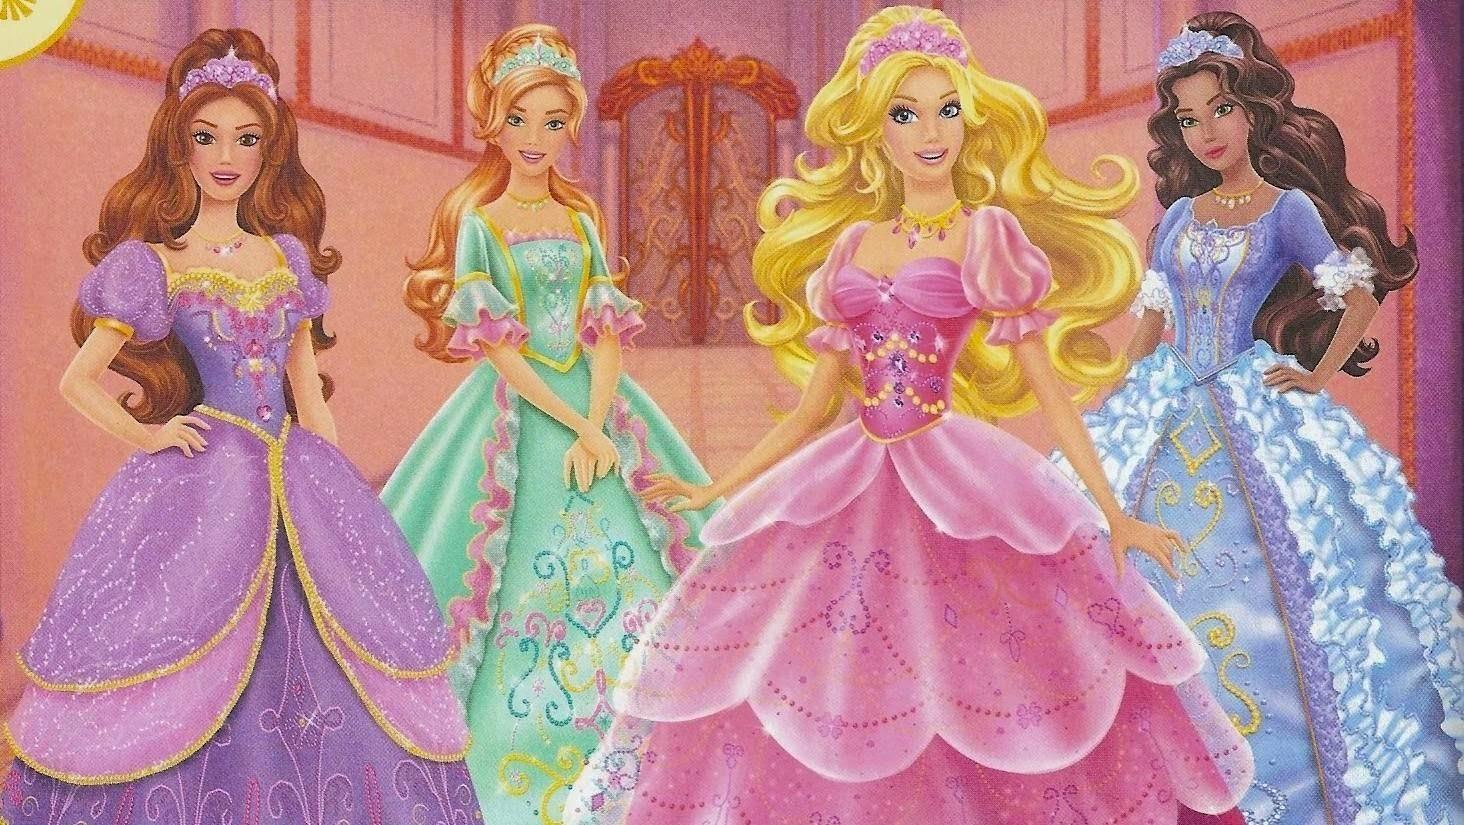 Barbie et la porte secr te streaming o peut on se le - Barbie et la porte secrete film complet ...